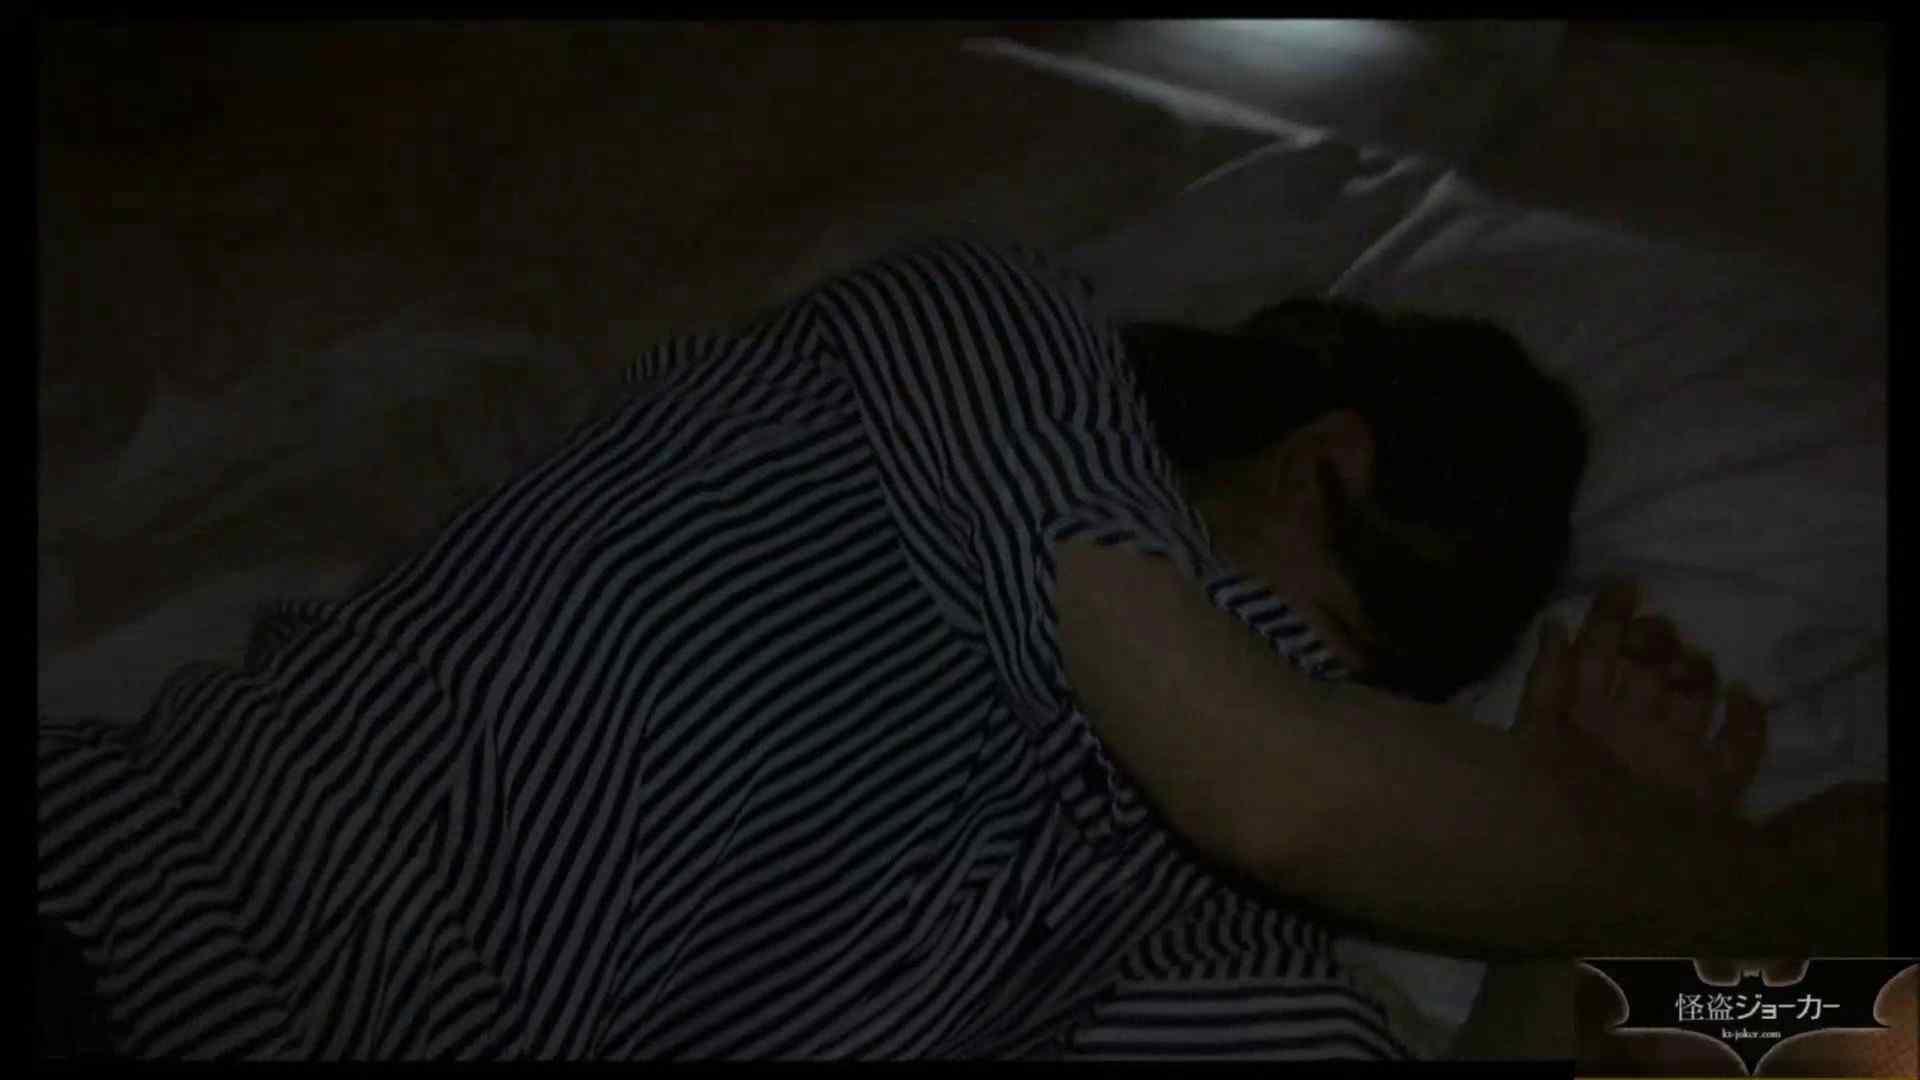 【未公開】vol.65 {黒髪美少女18歳}AIちゃん、連れ込み悪戯③ 車 AV無料 93pic 46